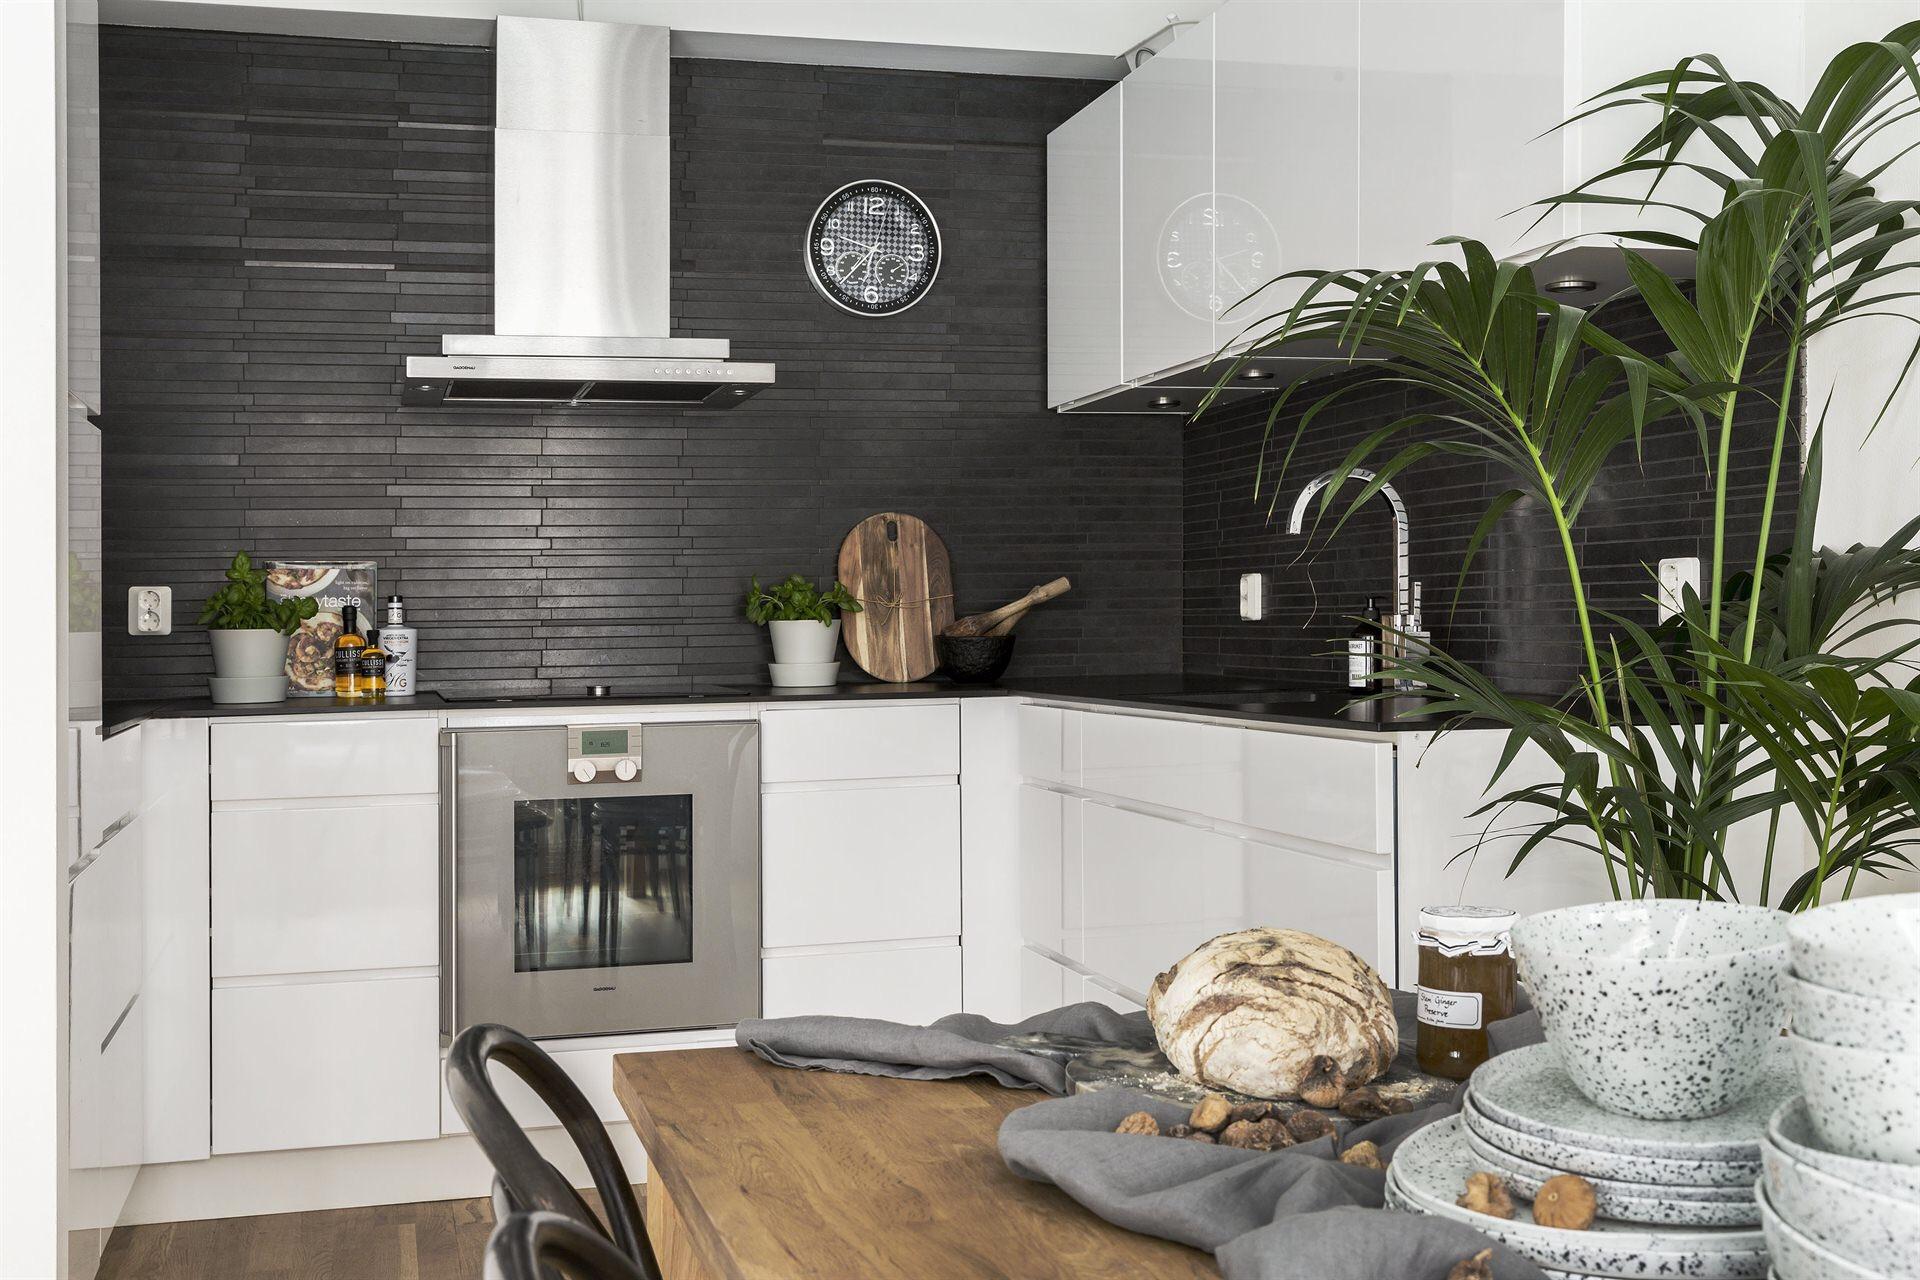 кухня белые гладкие фасады коричневый керамогранит плита вытяжка черная столешница мойка смеситель